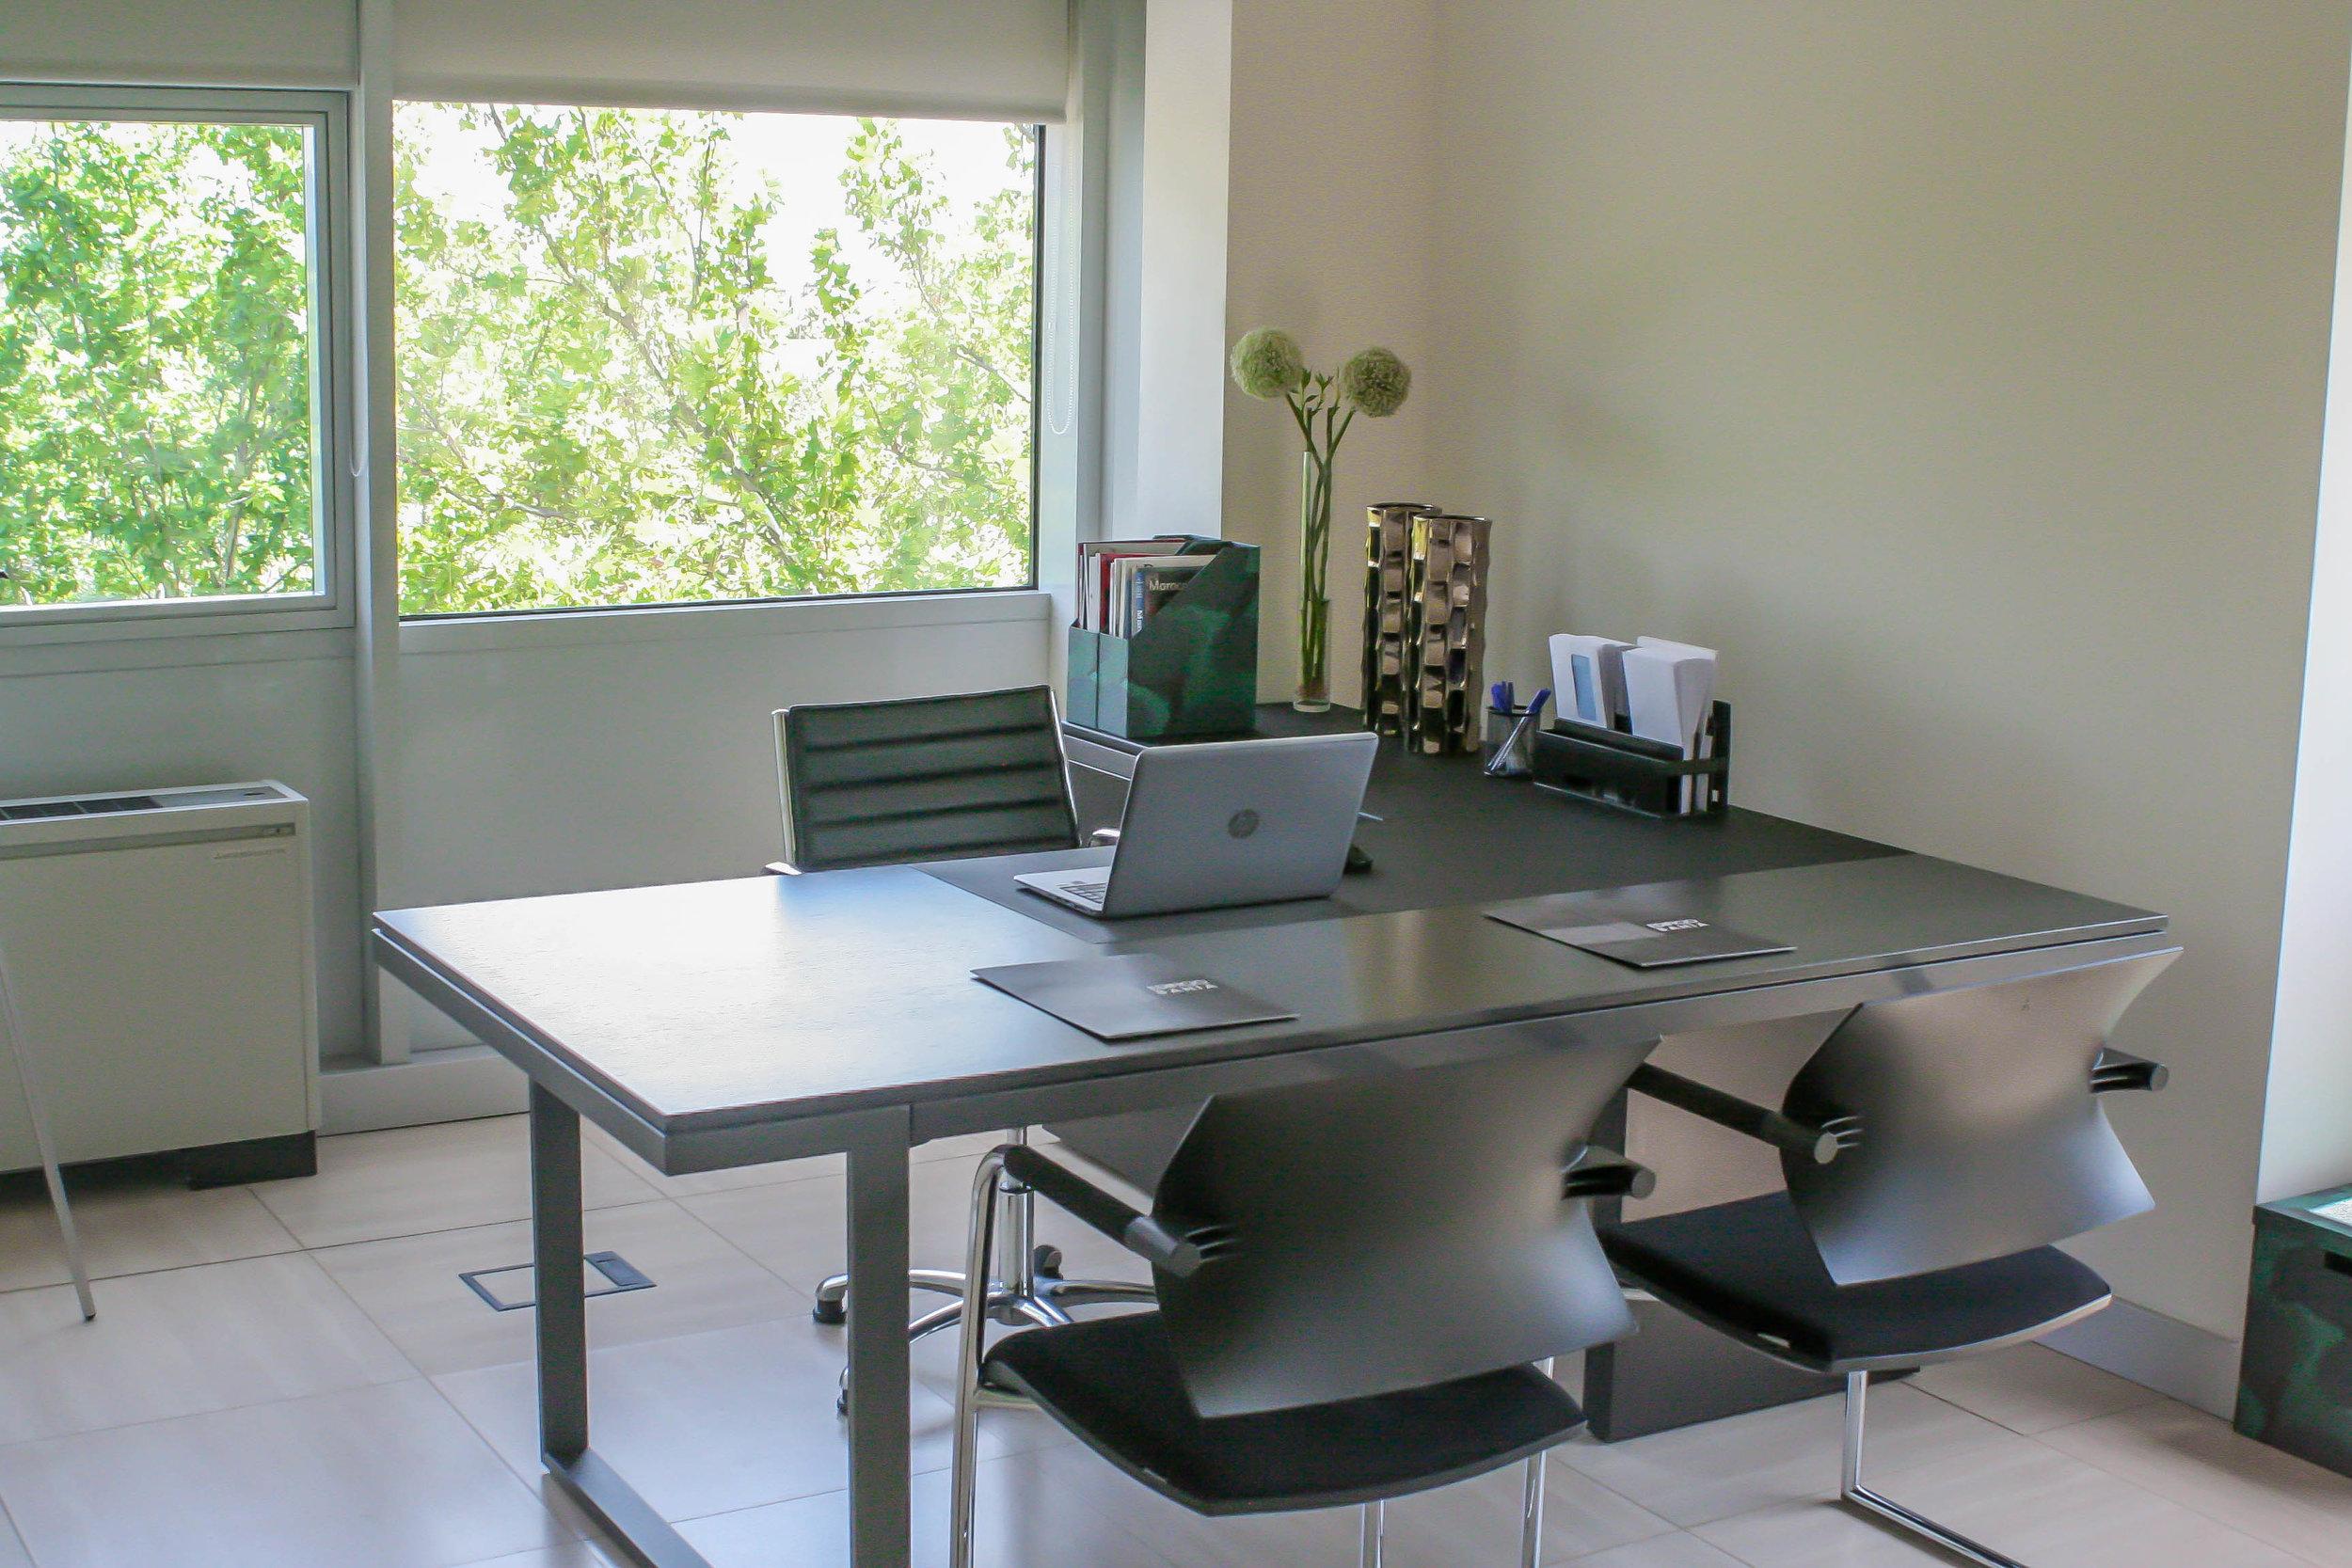 Atención personalizada - Tú y tu equipo notaréis rápidamente que contáis con la ayuda y disponibilidad del equipo de profesionales de nuestro workspaces.